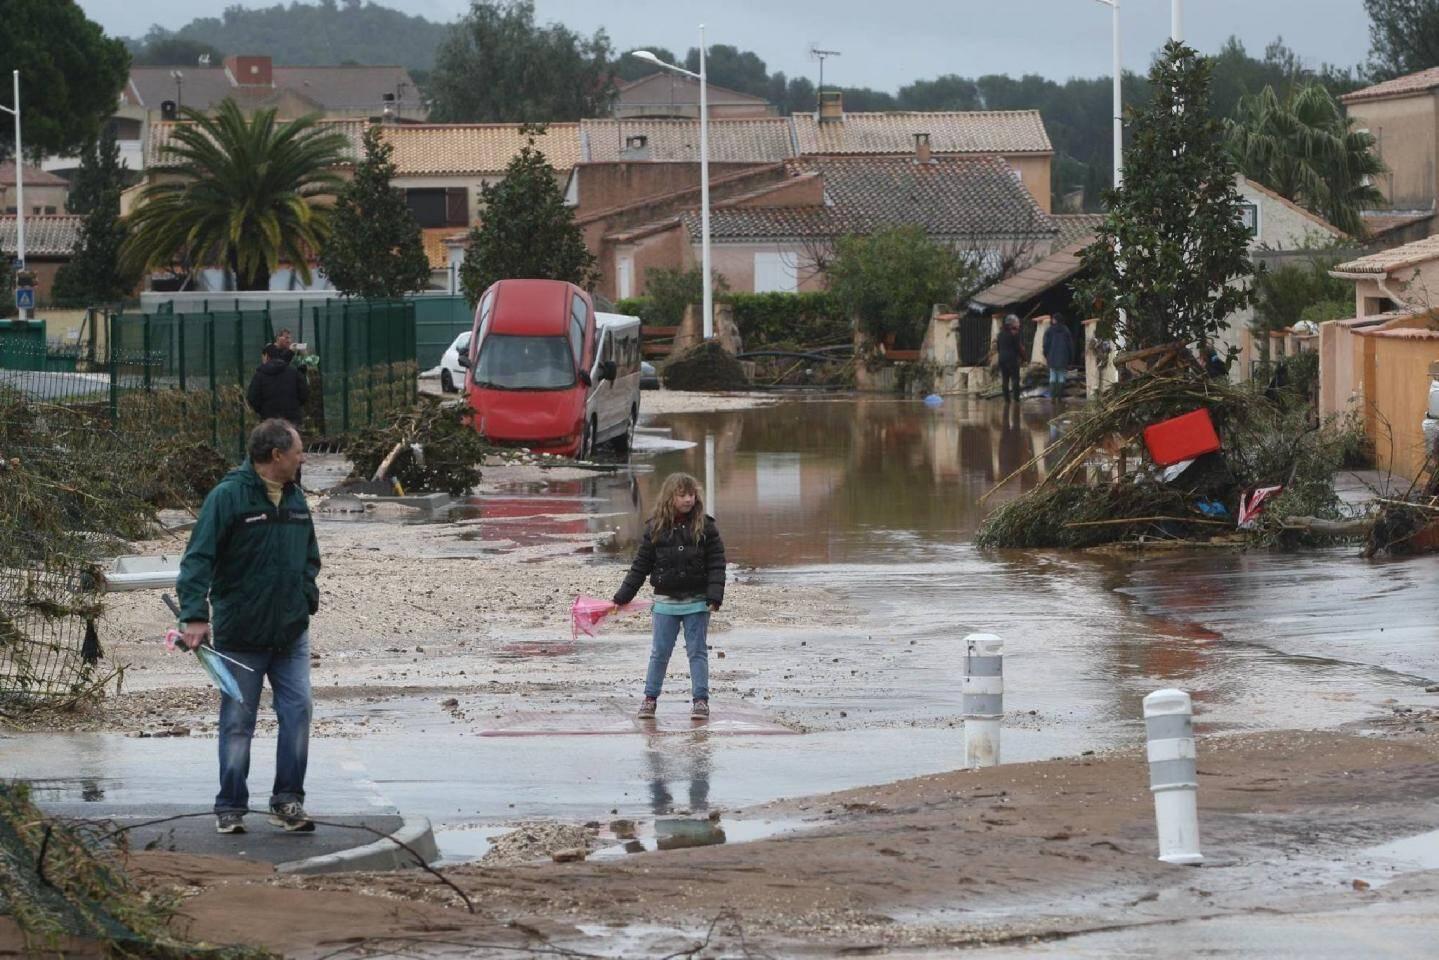 Après le déluge, les habitants n'ont pu que constater les dégâts, comme dans ce quartier près du stade à La Londe.